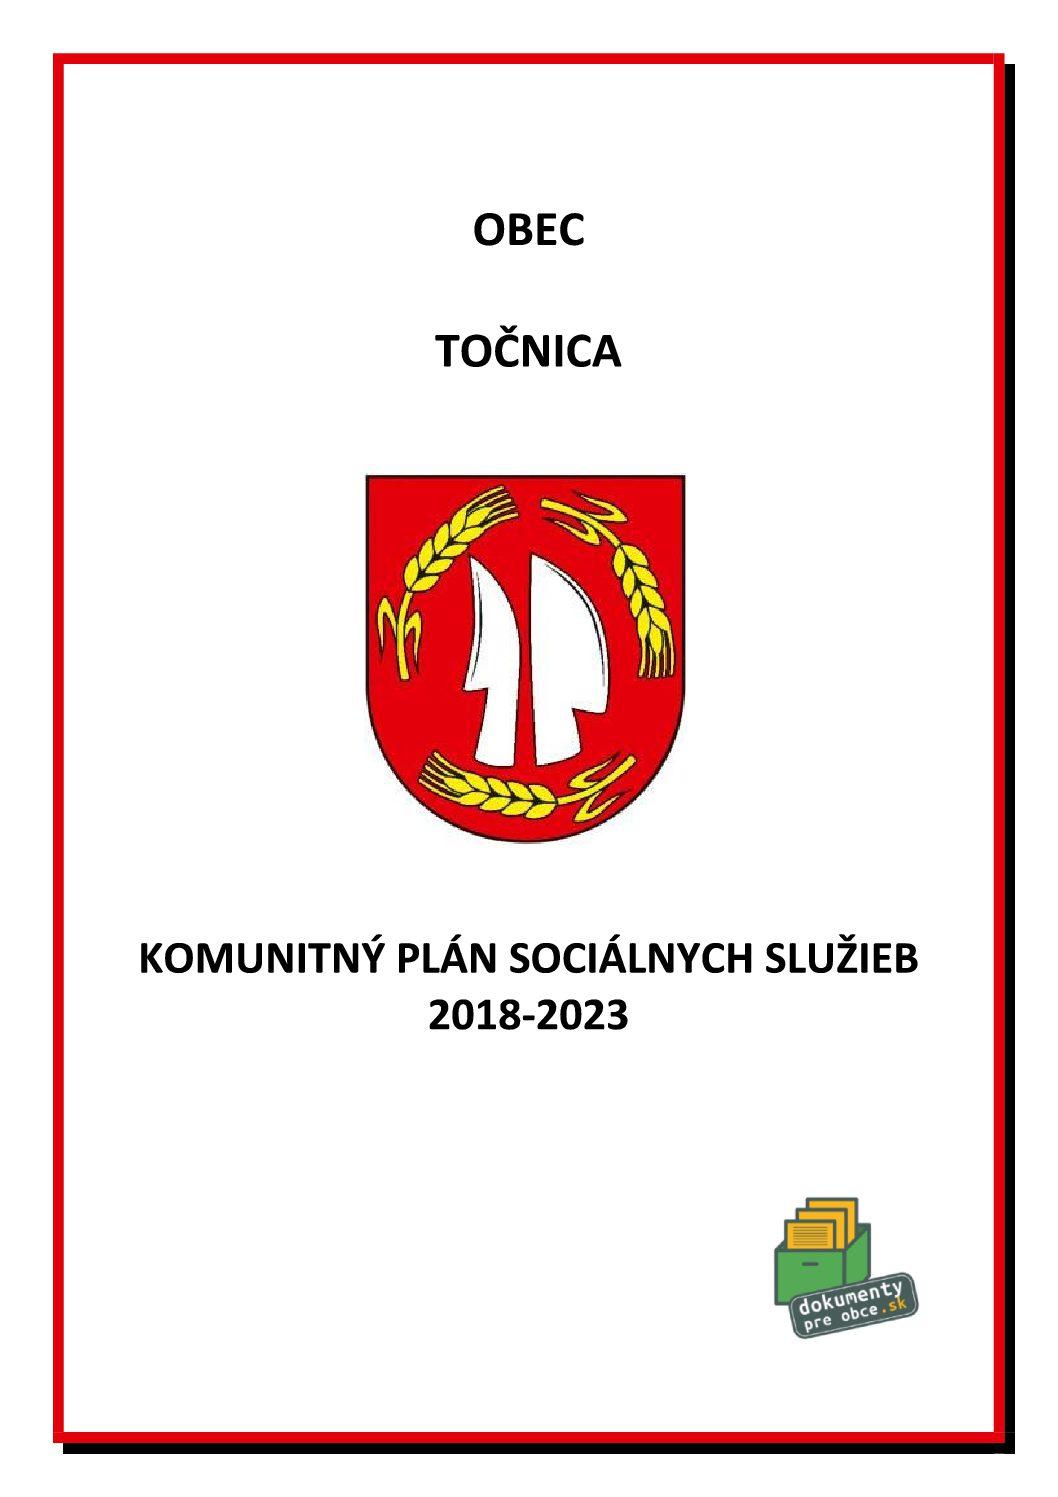 KOMUNITNÝ PLÁN SOCIÁLNYCH SLUŽIEB 2018-2023